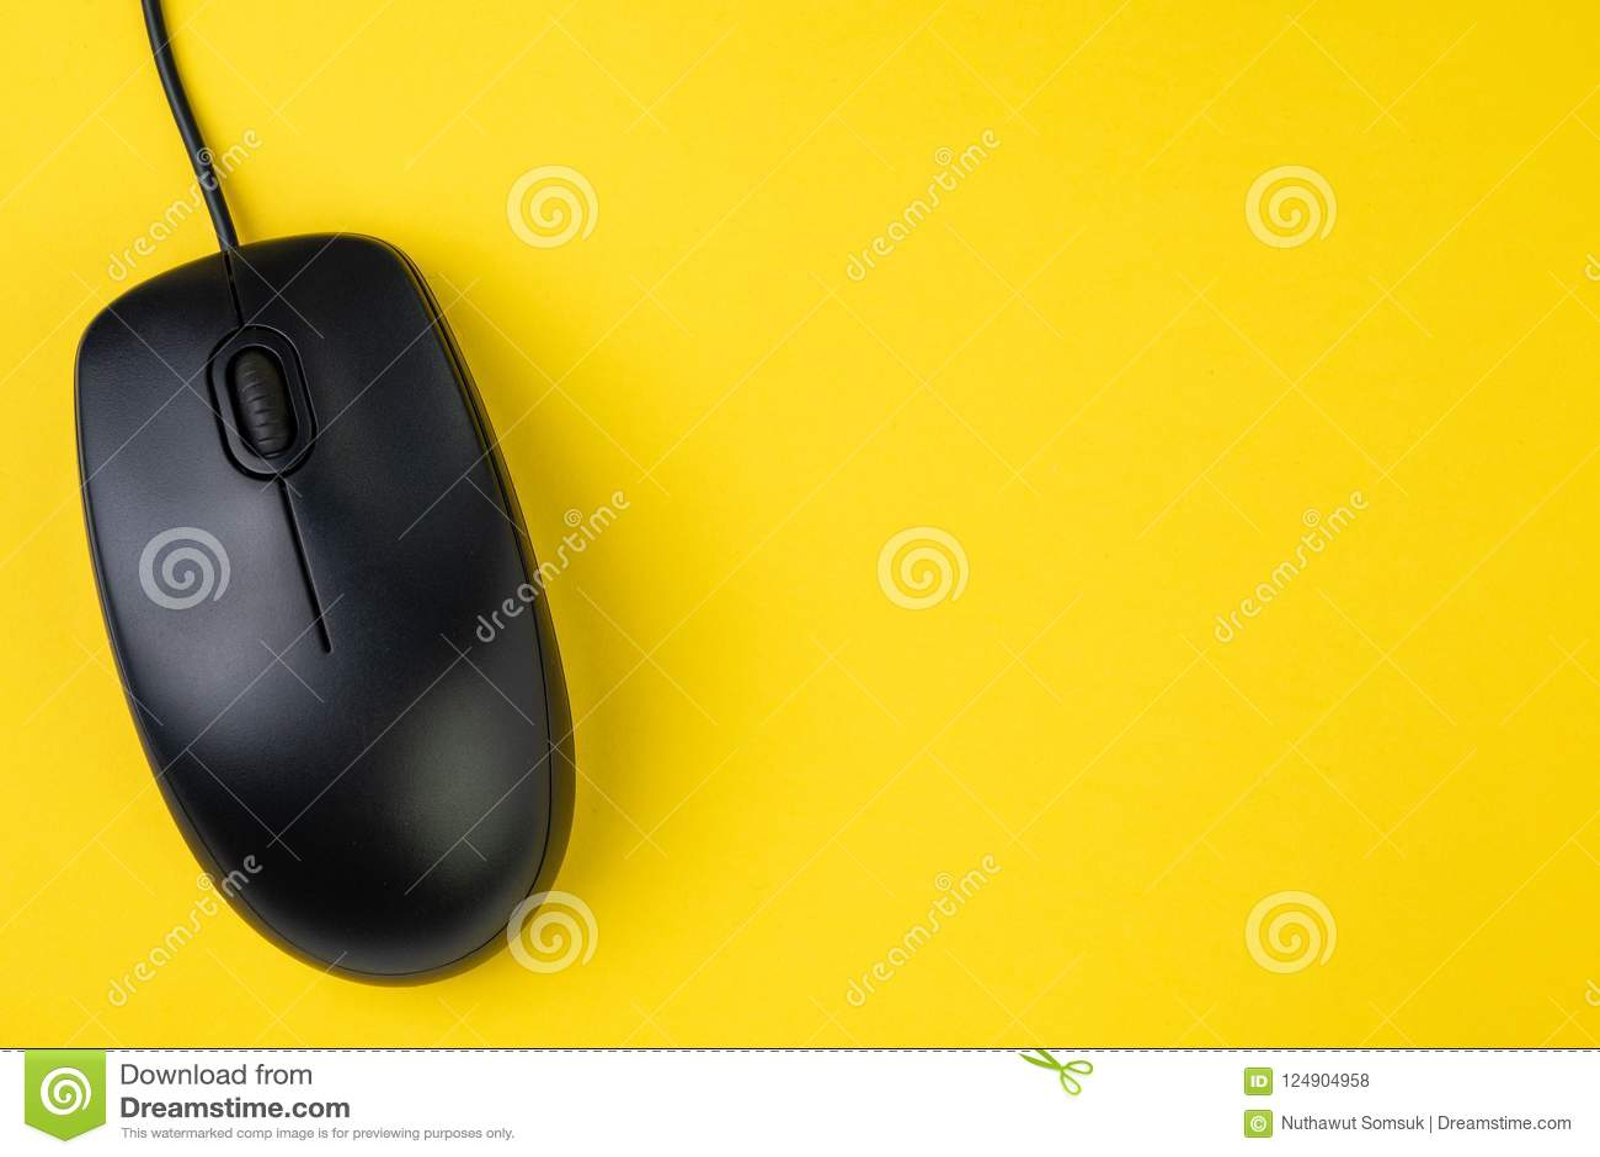 Svart datormus med snirkelhjulet och kabel på den gula tabellen